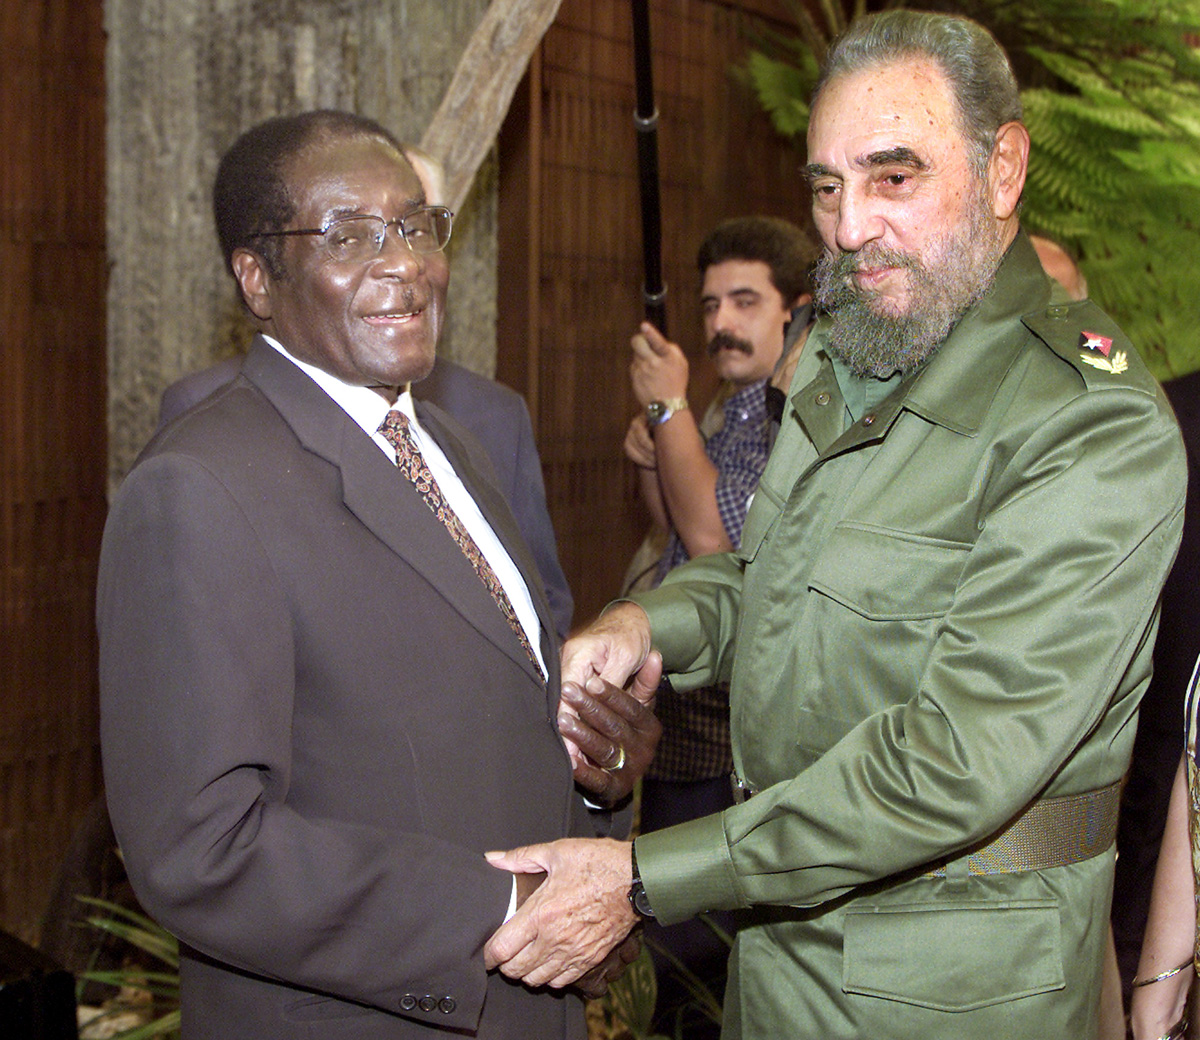 رابرت موگابه،هیولایی که با فقیرتر شدن مردمش بر ثروت خود می افزود، در سن 95 سالگی و پس از سقوطی آرام در بیمارستانی در سنگاپور درگذشته است.